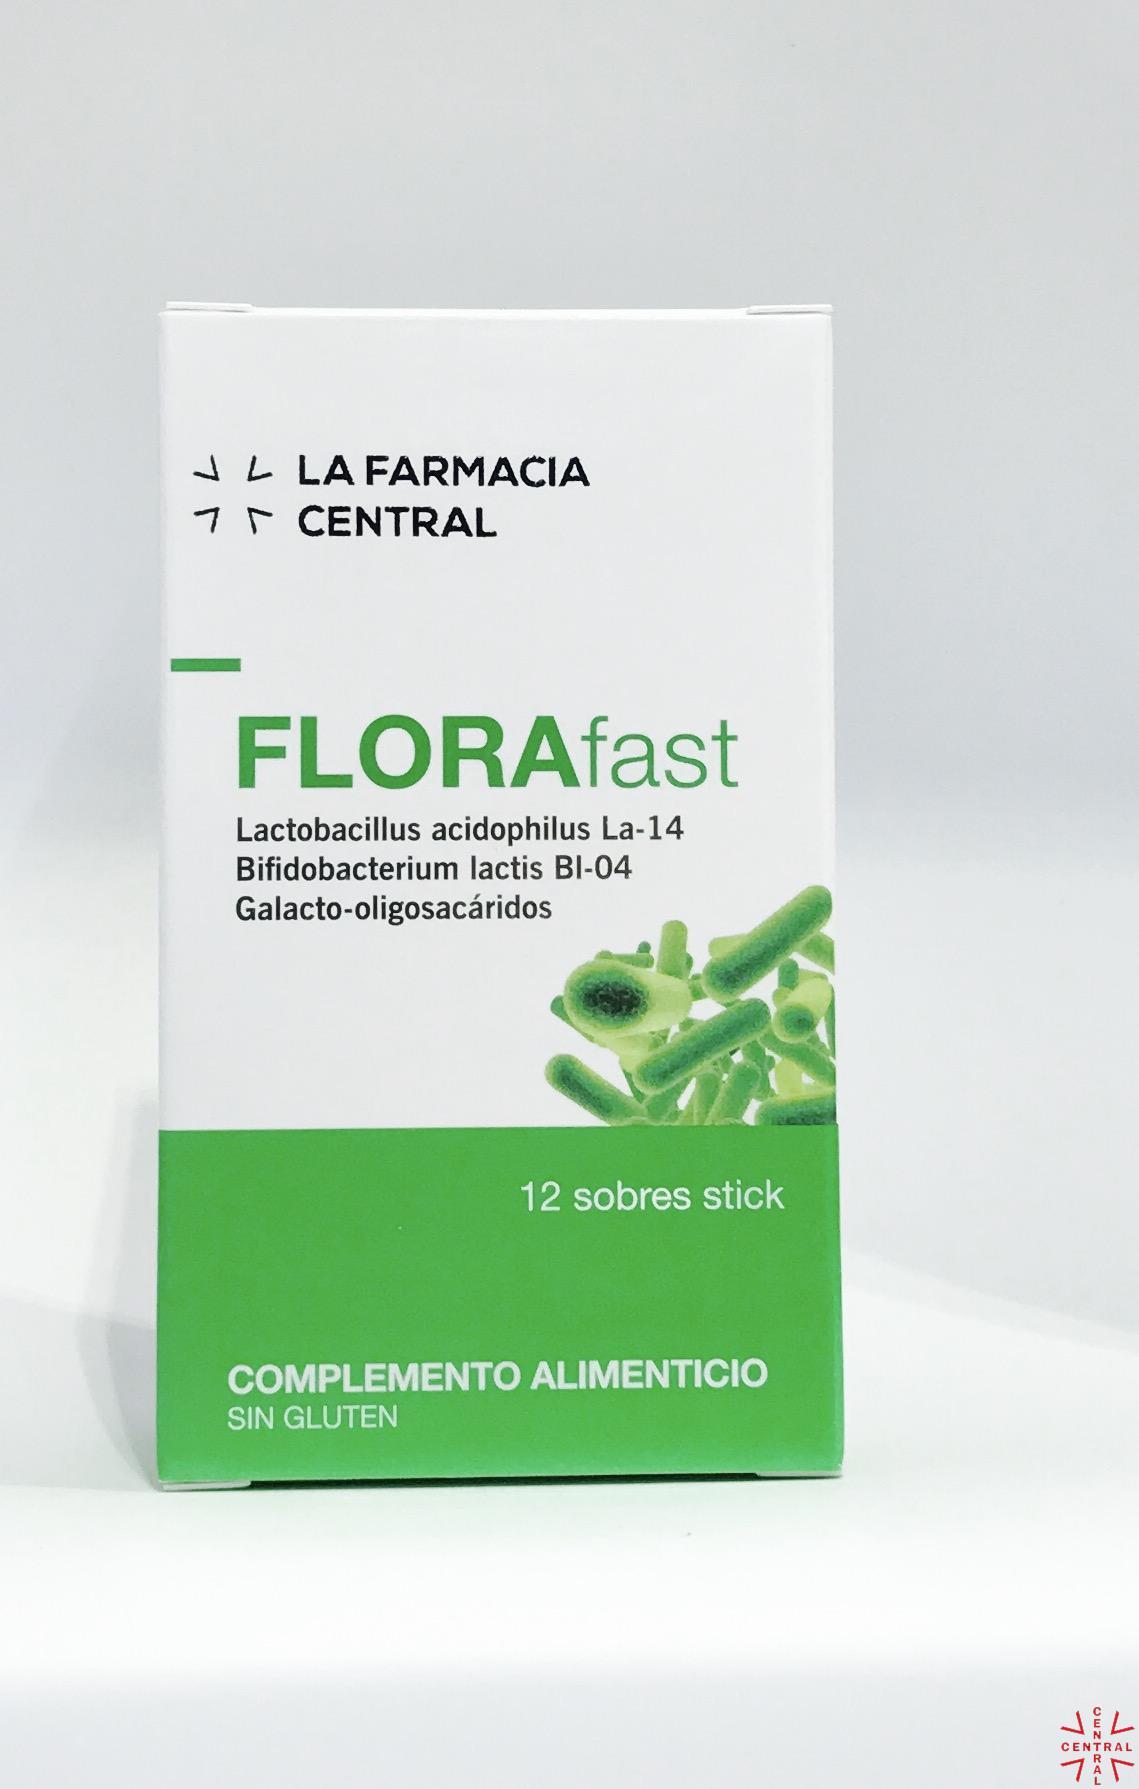 LFC Florafast 10 sobres